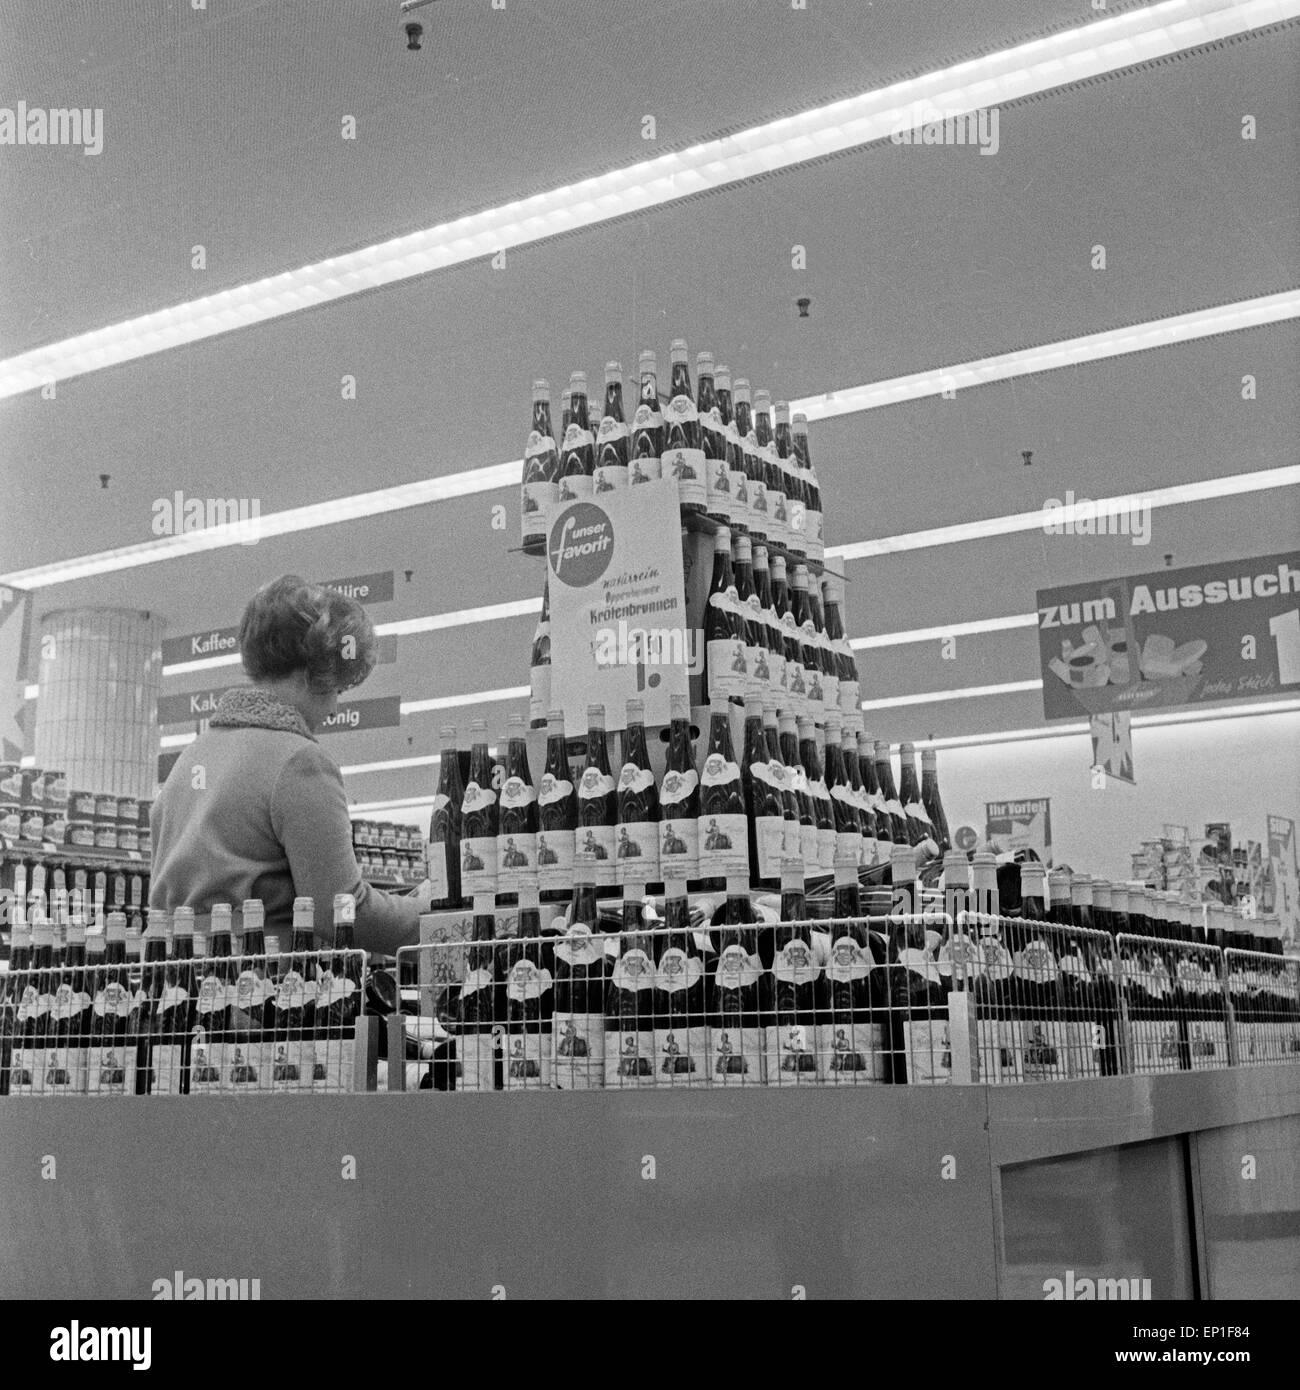 Im Angebot in Einem Supermarkt in Hamburg: Oppenheimer Krötenbrunnen, Deutschland Anfang 1960er Jahre. Ein Stockbild